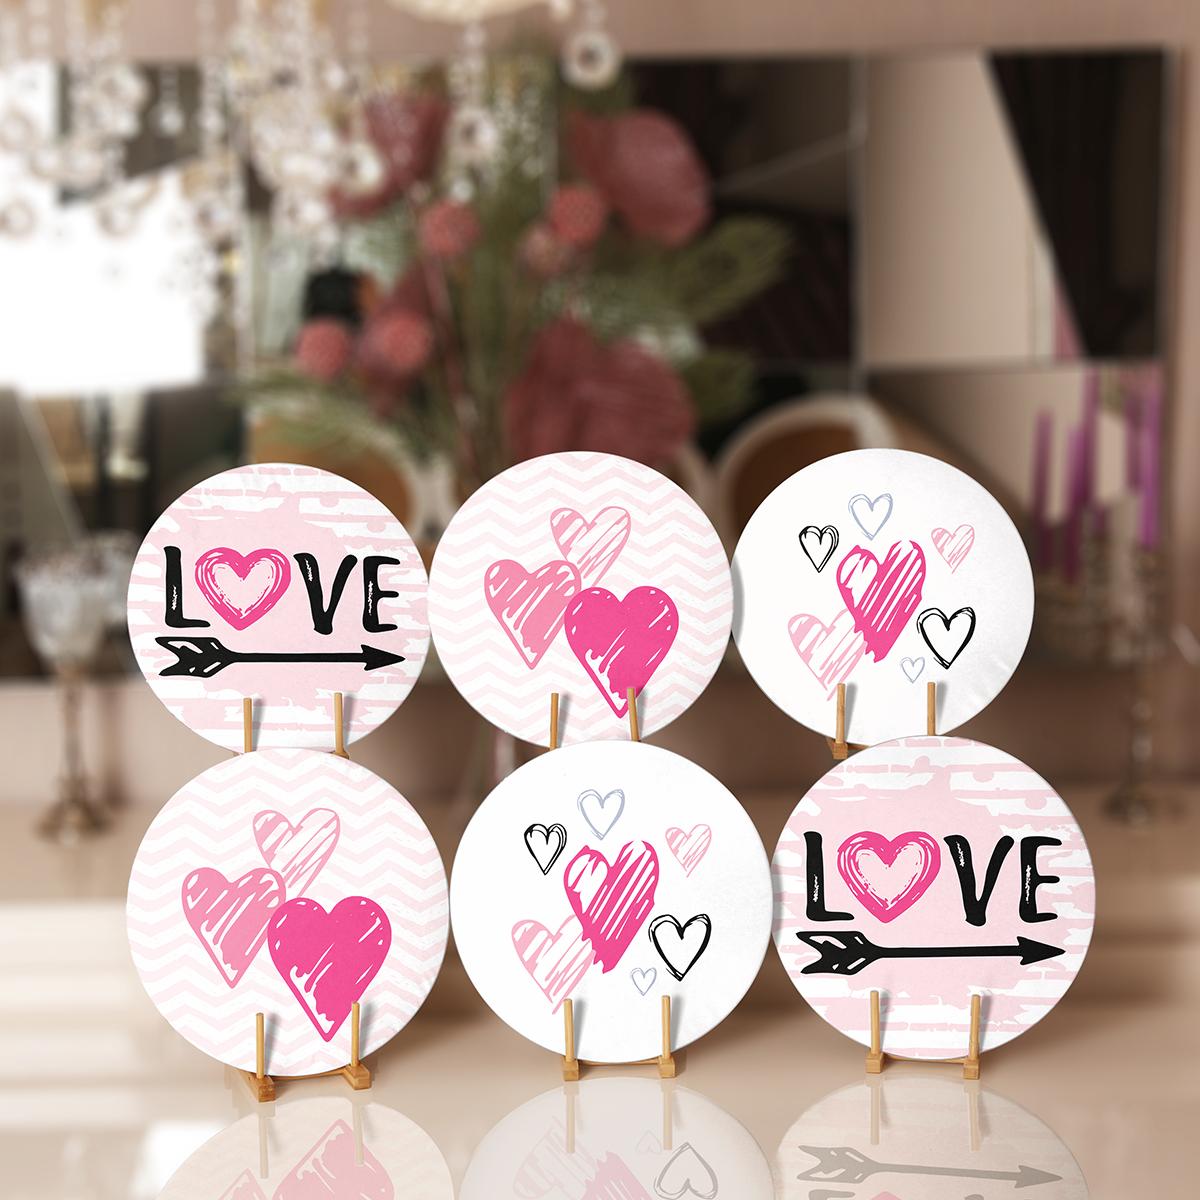 6'lı Pembe Özel Tasarım Sevgililer Günü Temalı Servis Altlığı & Supla Realhomes